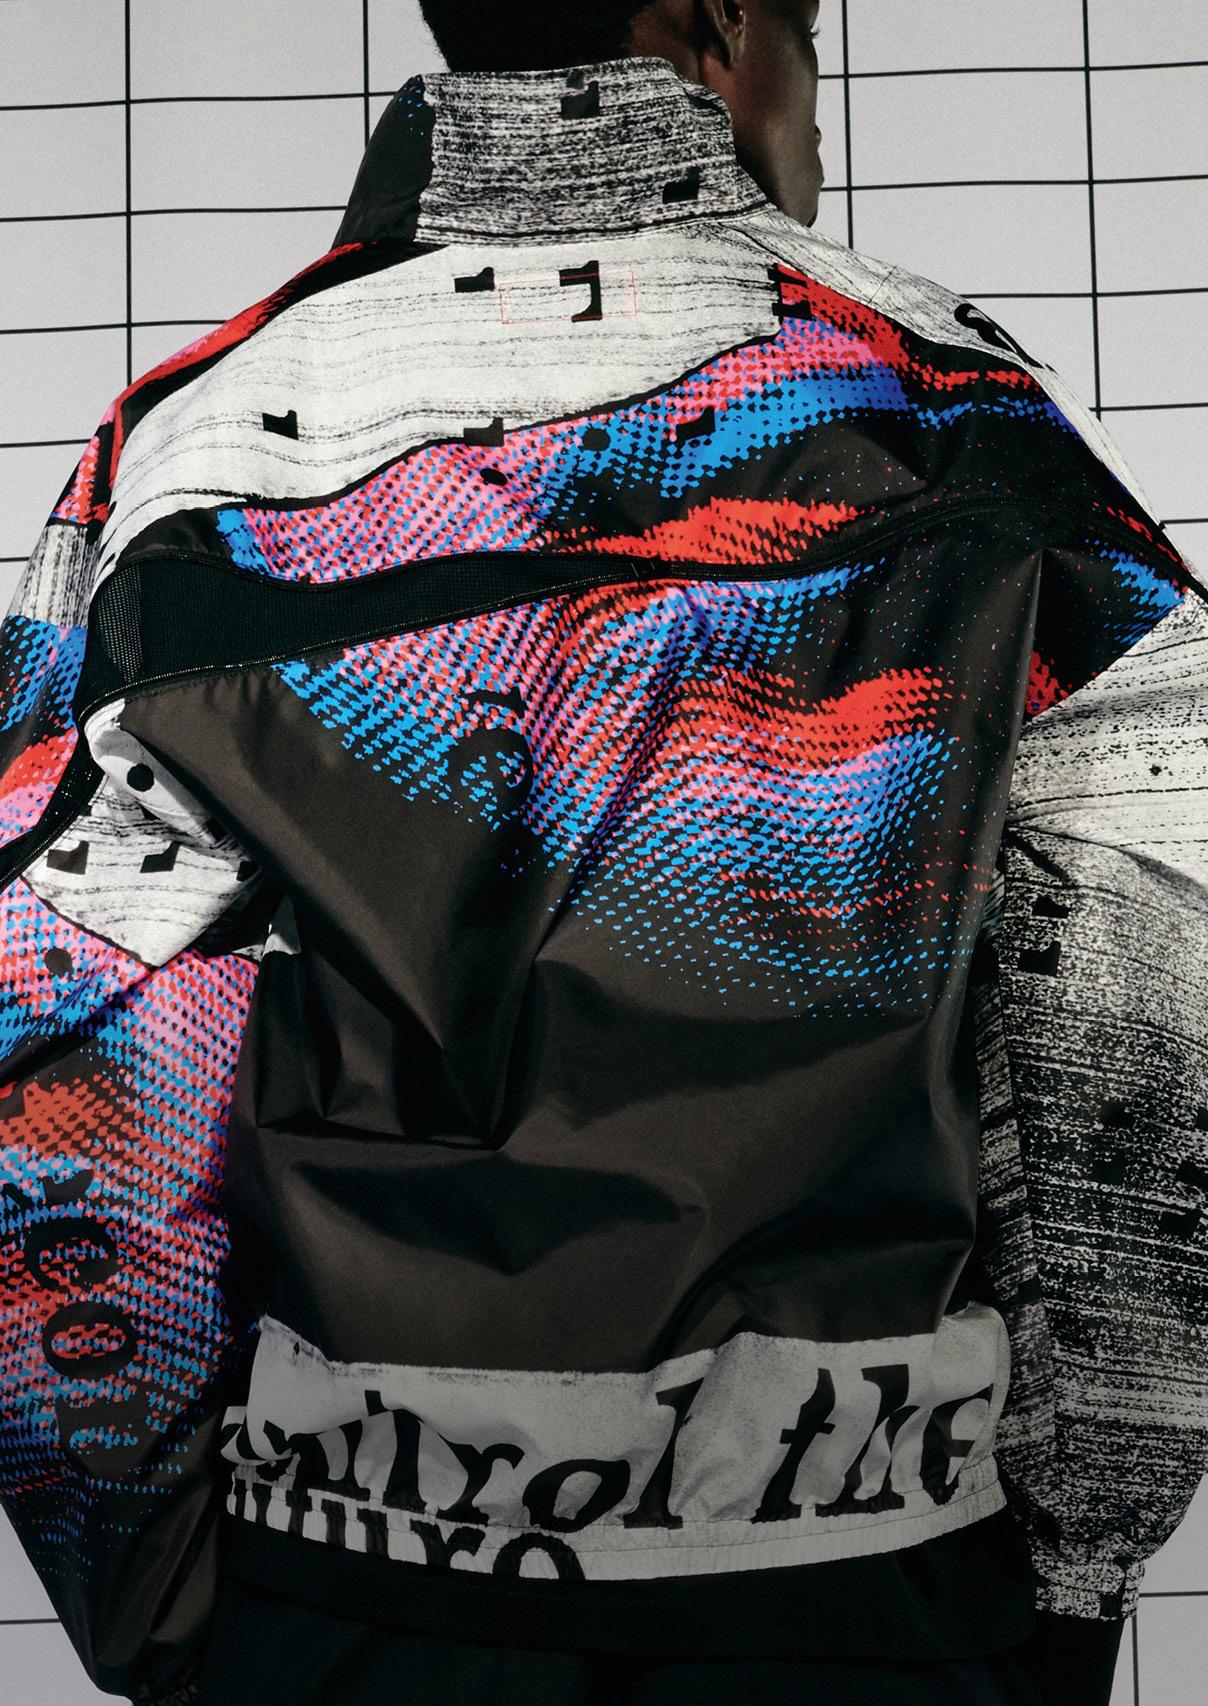 HUGO: Trở lại từ tương lai cùng bộ sưu tập thời trang Art Capsule mới - Ảnh 2.